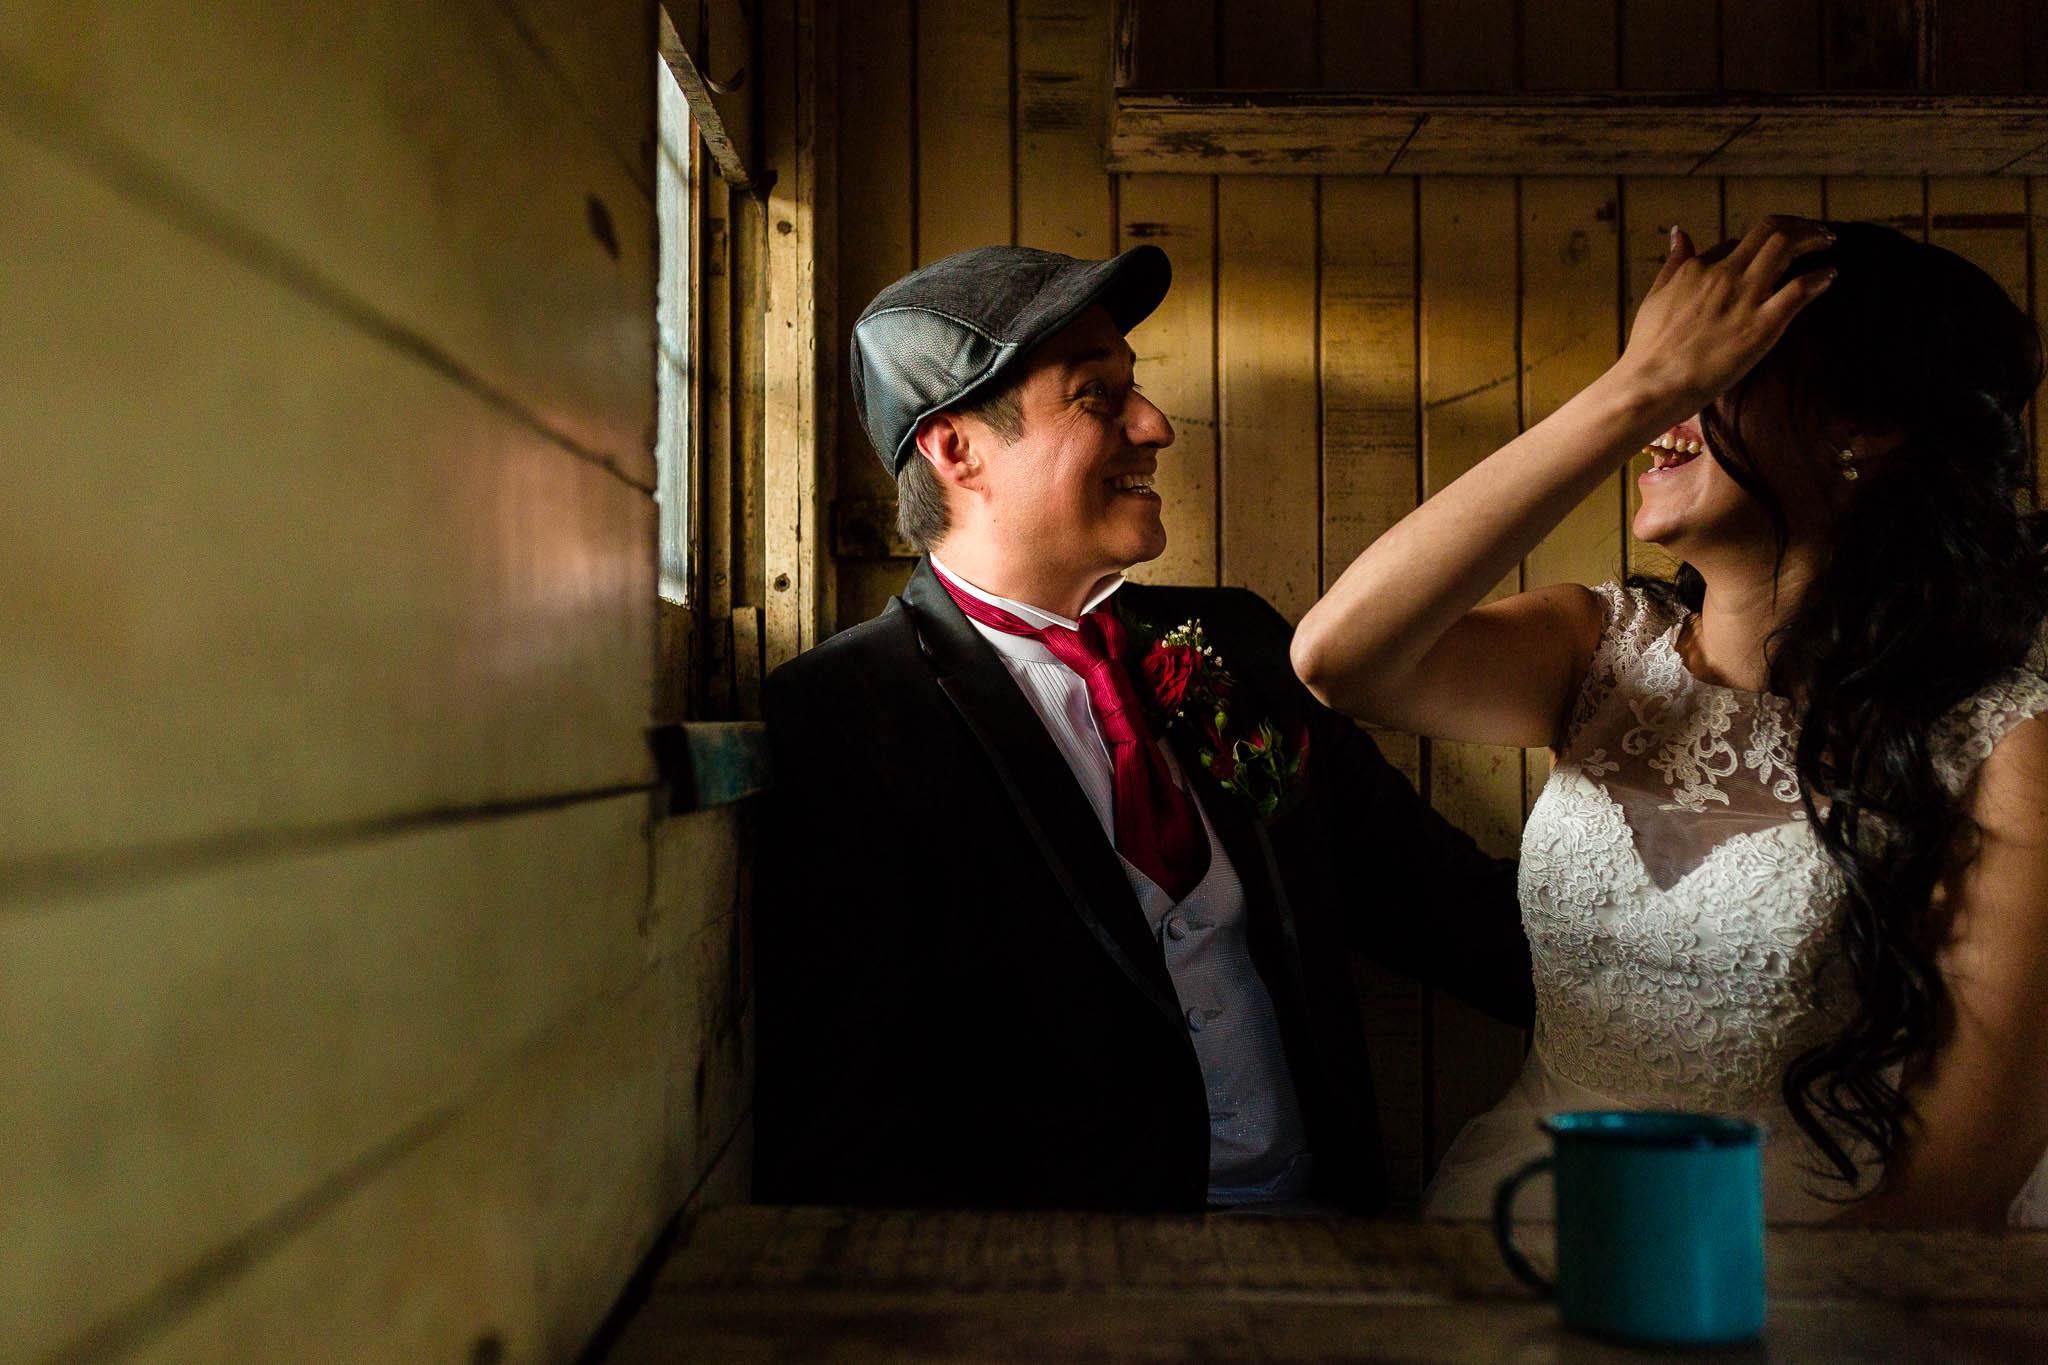 fotografo de bodas san luis potosi boda mexico wedding destination fotos de boda 136